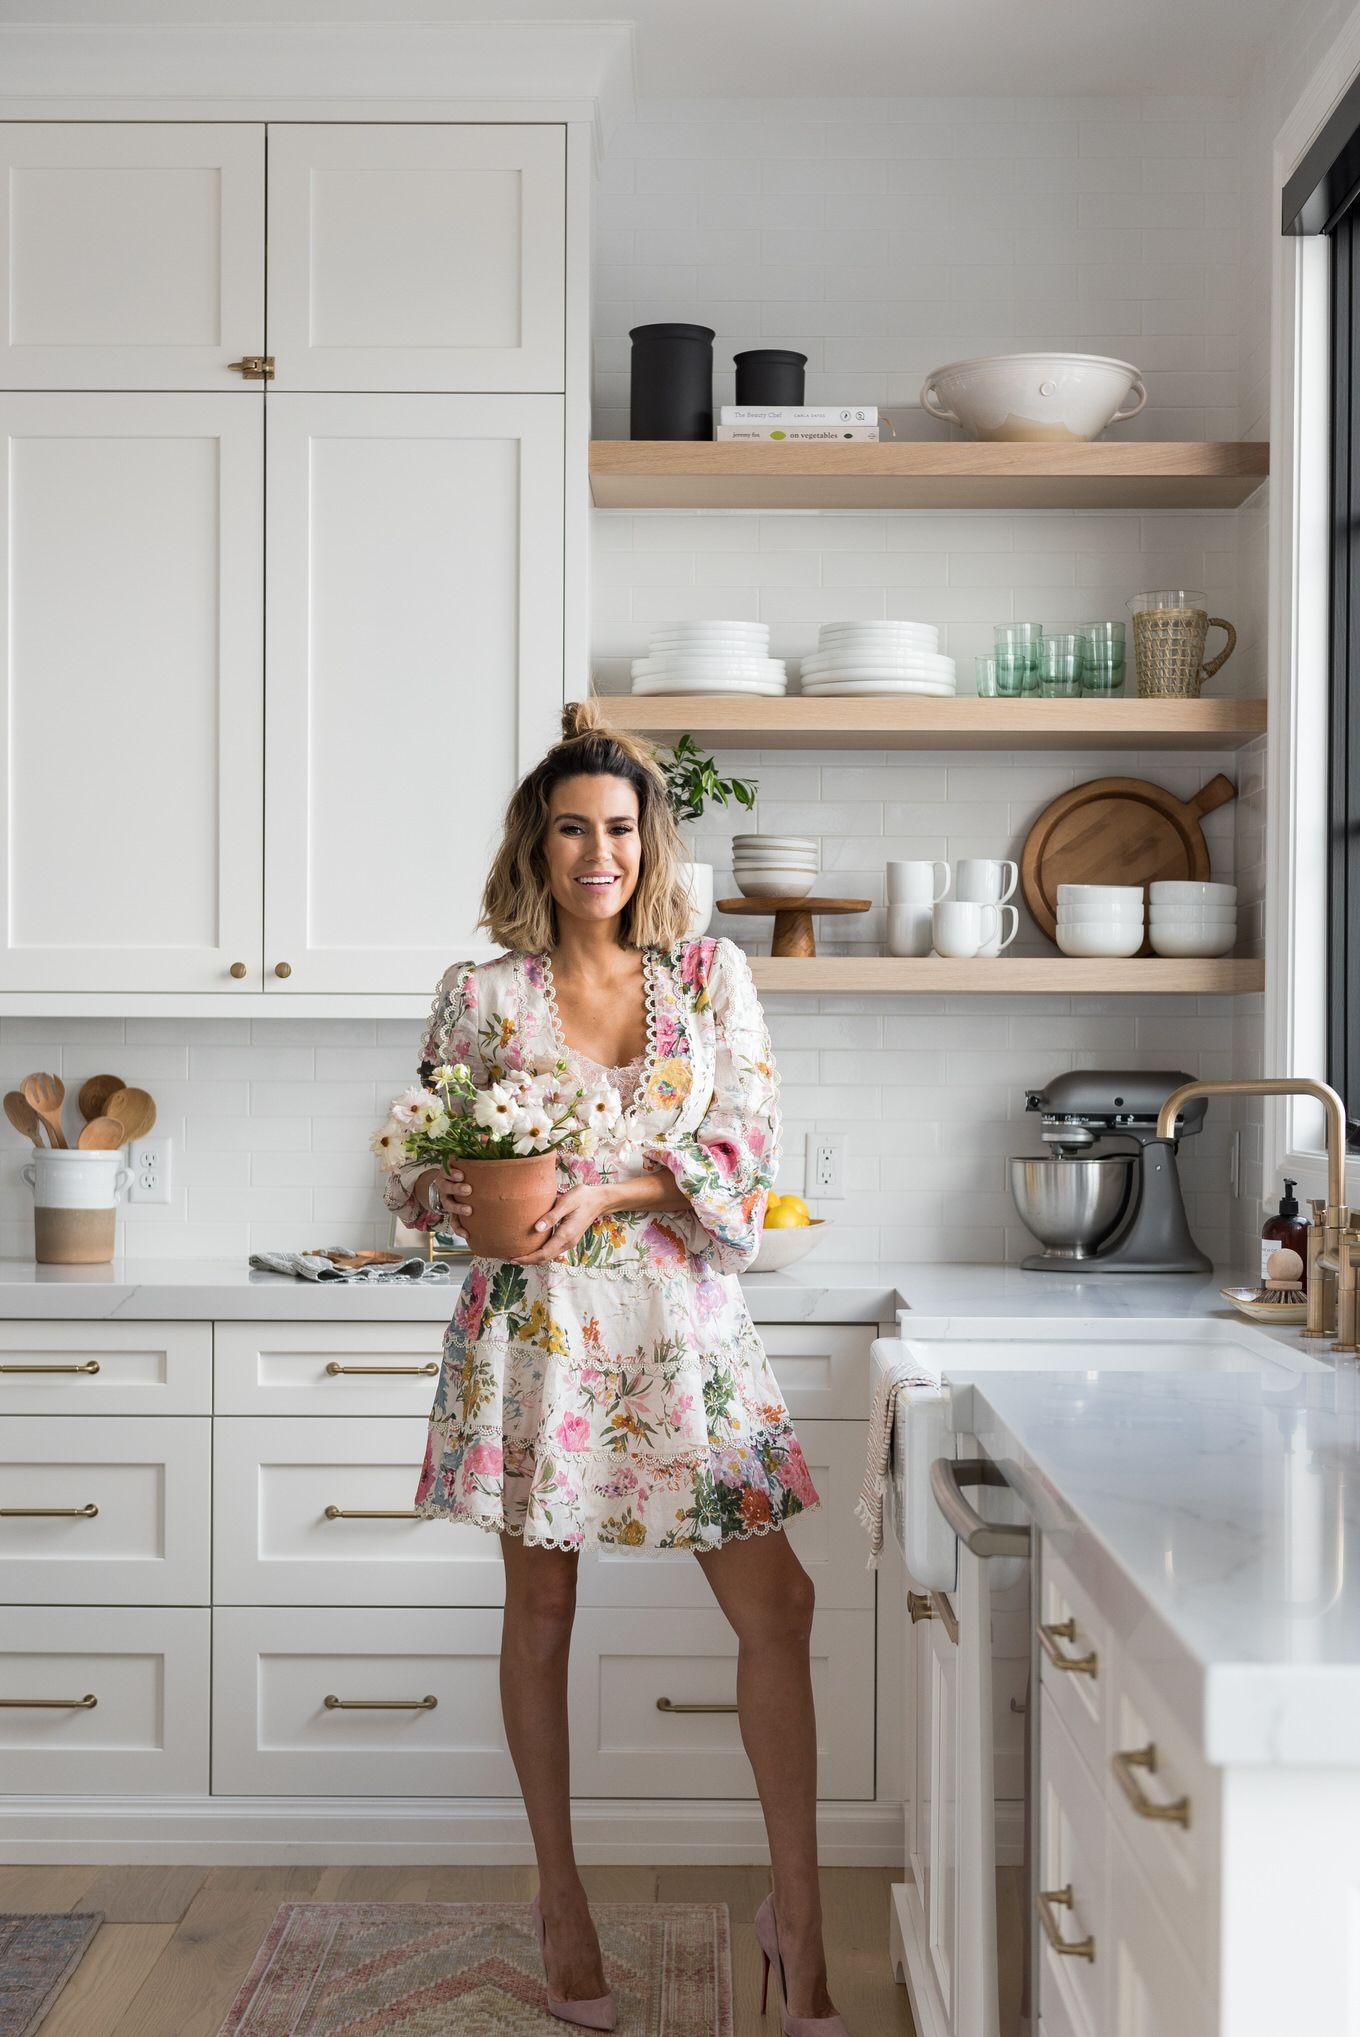 Kitchen Reveal Hello Fashion Home Decor Kitchen Kitchen Design Kitchen Interior